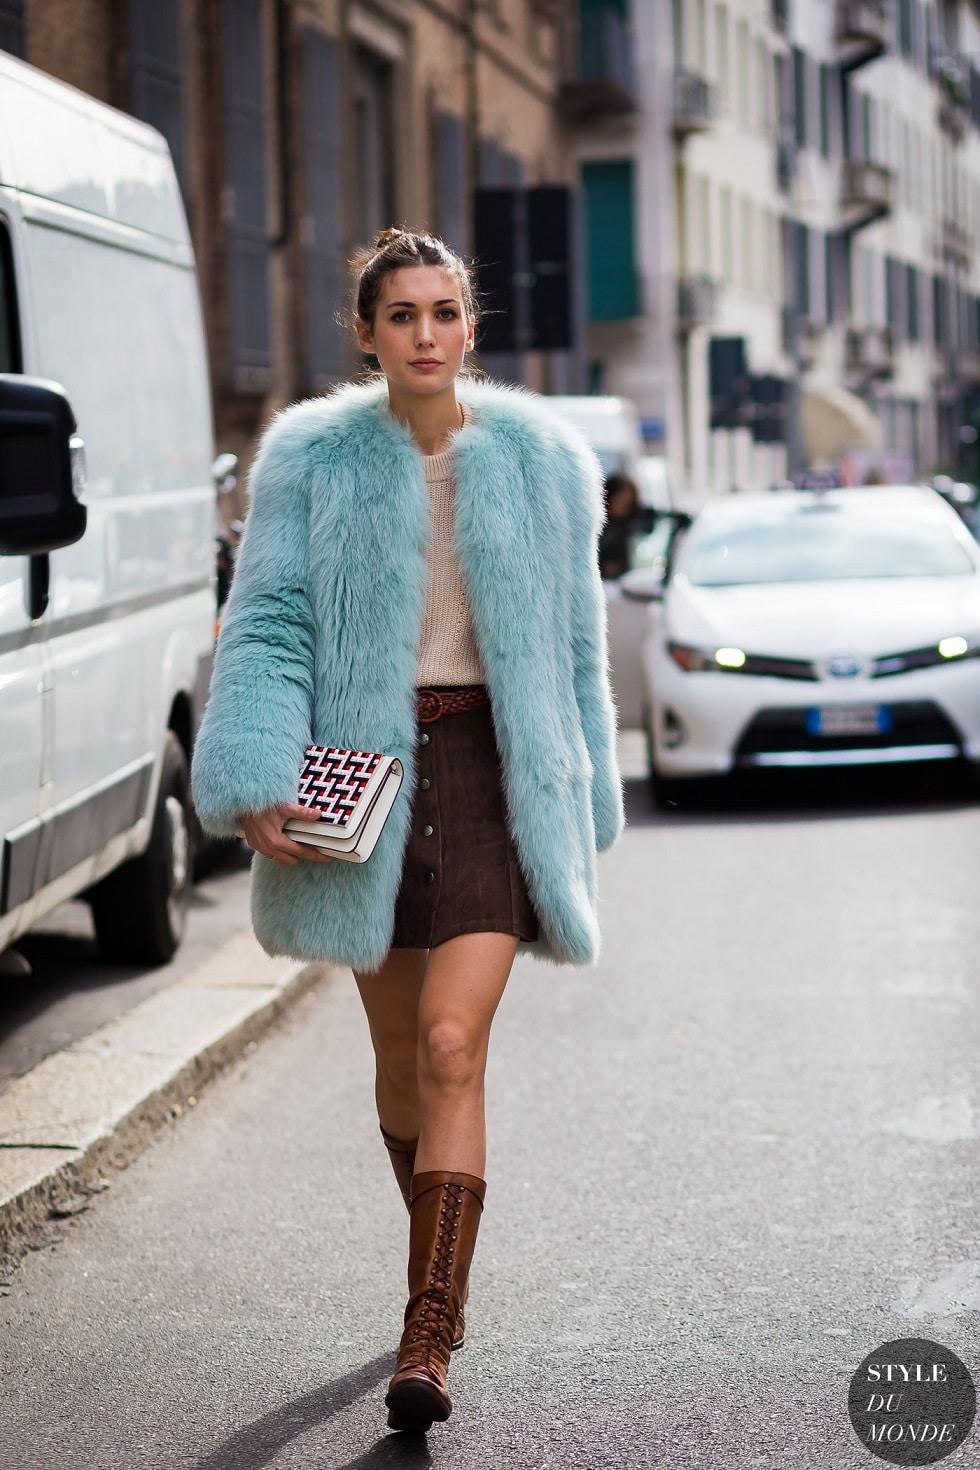 Onde Comprar Casaco de Pelinhos, look casacos de pelinhos, casaco de pelinhos, looks casaco de pele fake, look casaco de pele fake, looks casaco de pelinhos, como usar casaco de pele, como usar casaco de pele fake, como usar casaco de pelinhos, look com casaco de pele, look casaco de pele rosa, look casaco de pele nude, look casaco de pele roxo, look casaco de pele verde